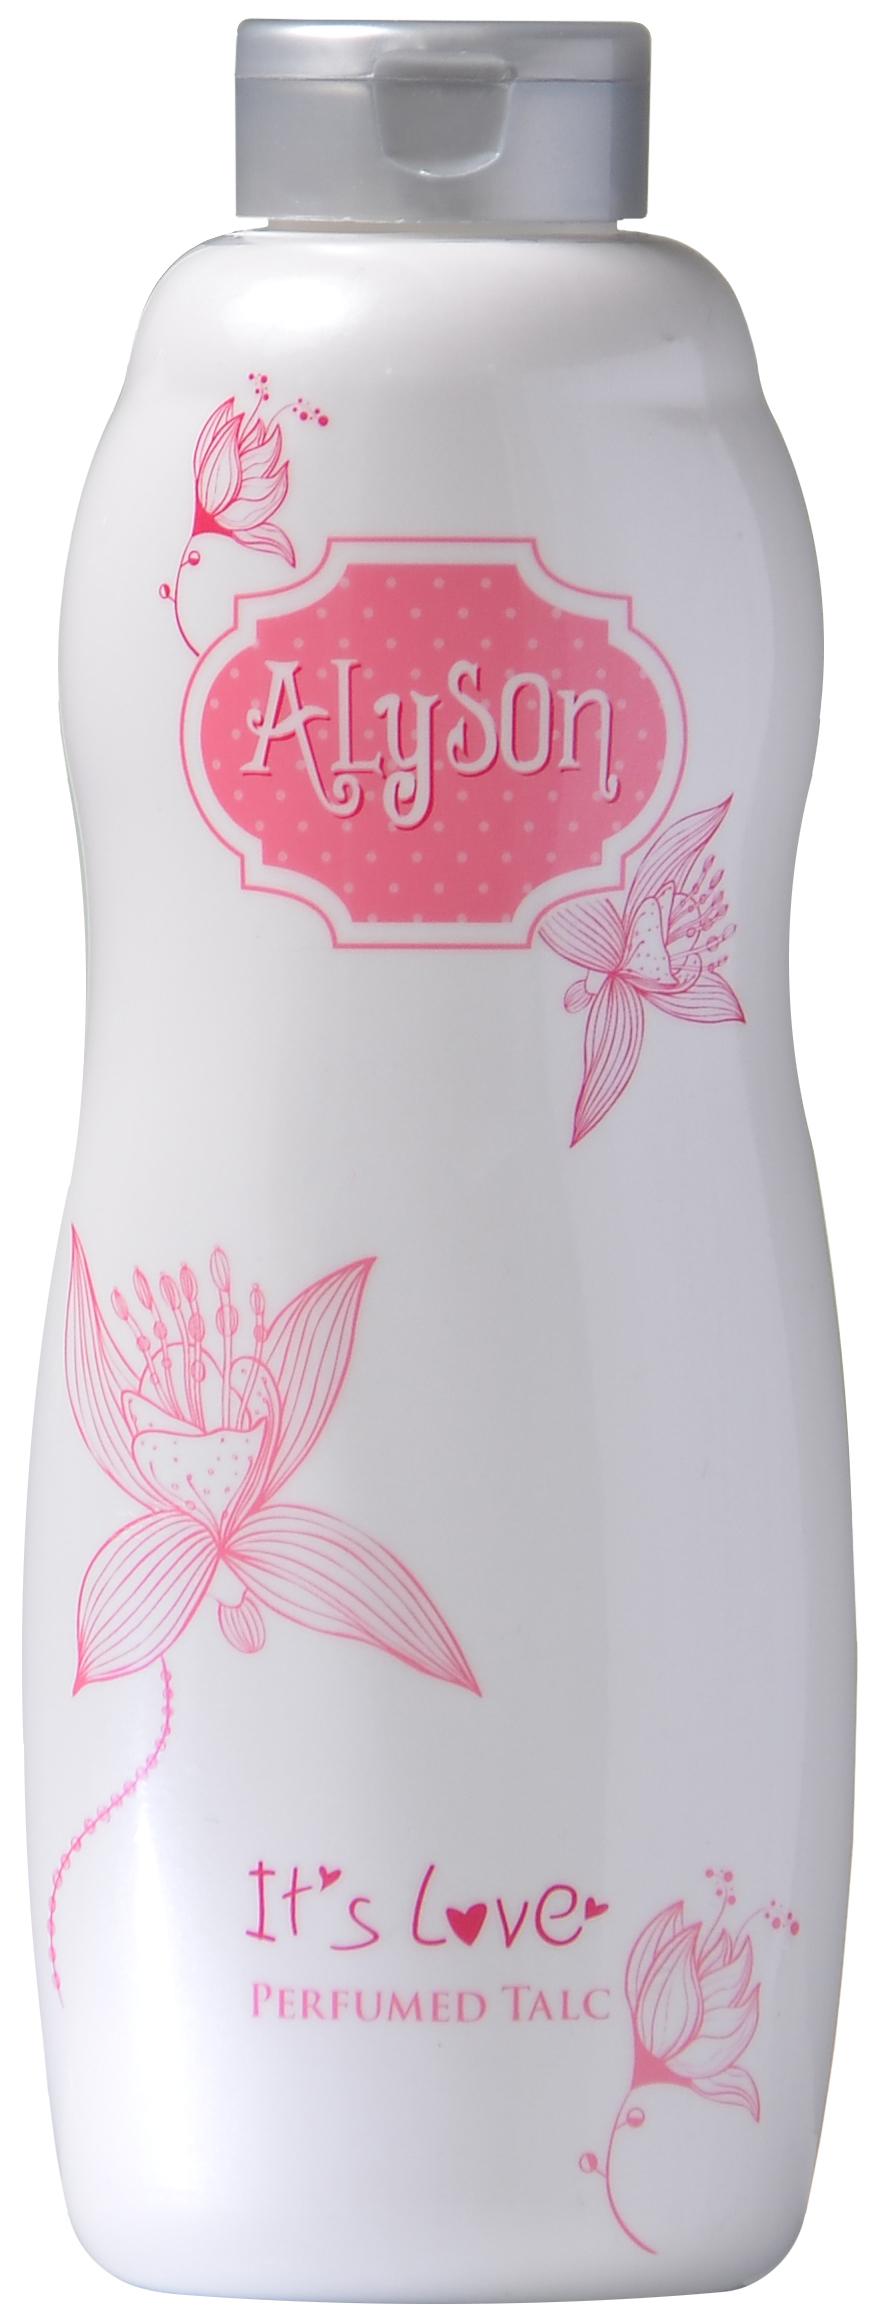 Alyson It's Love Perfumed Talc -150g